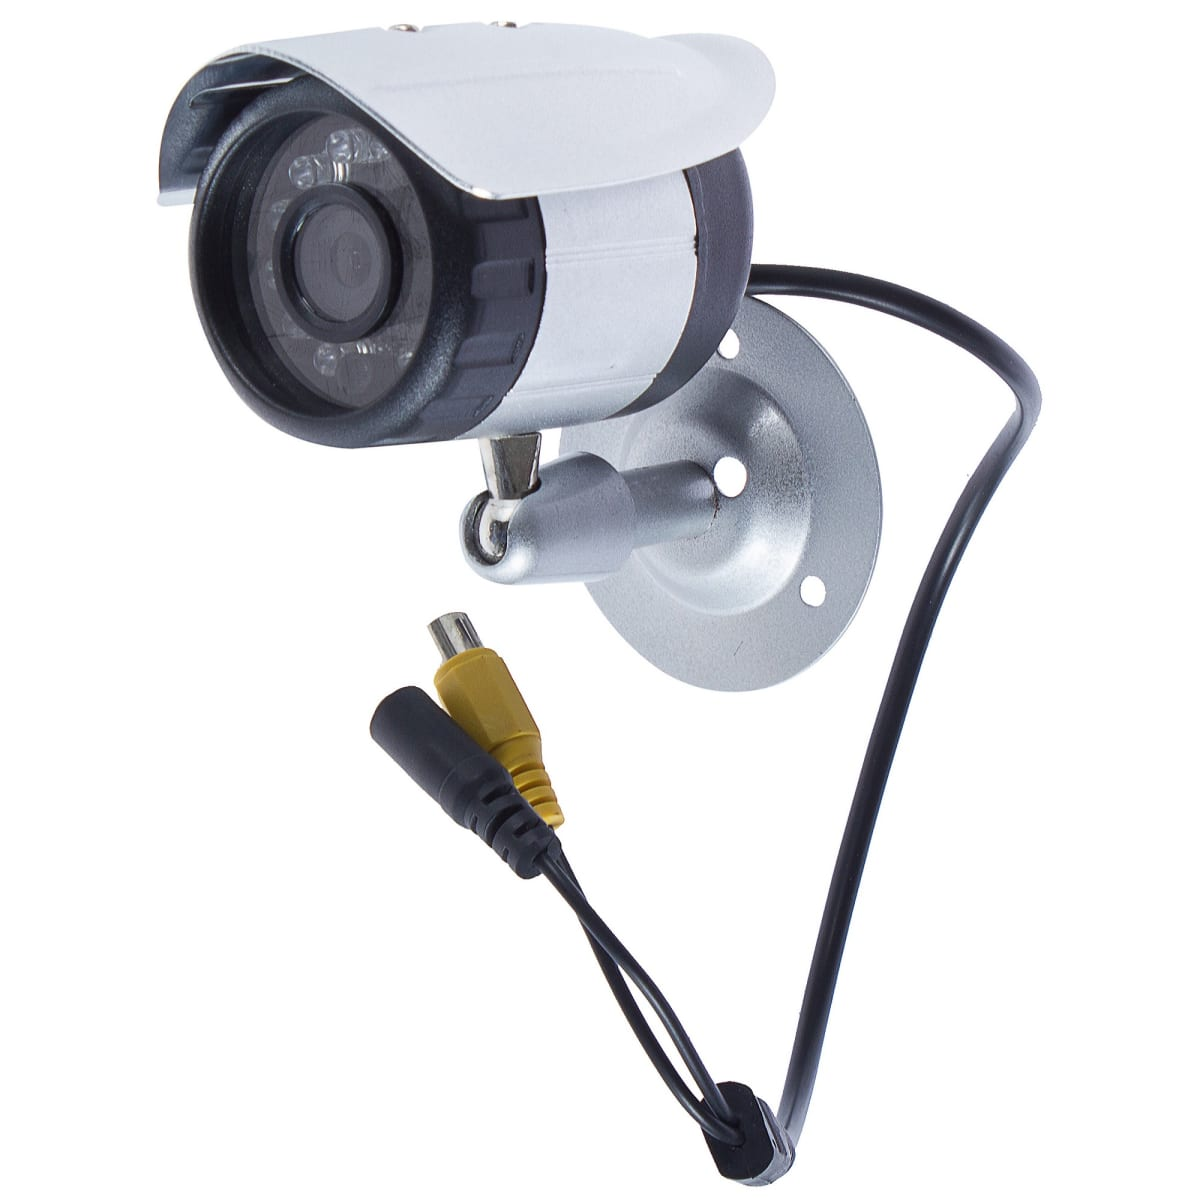 Камера видеонаблюдения внутренняя Evology LCA-483S